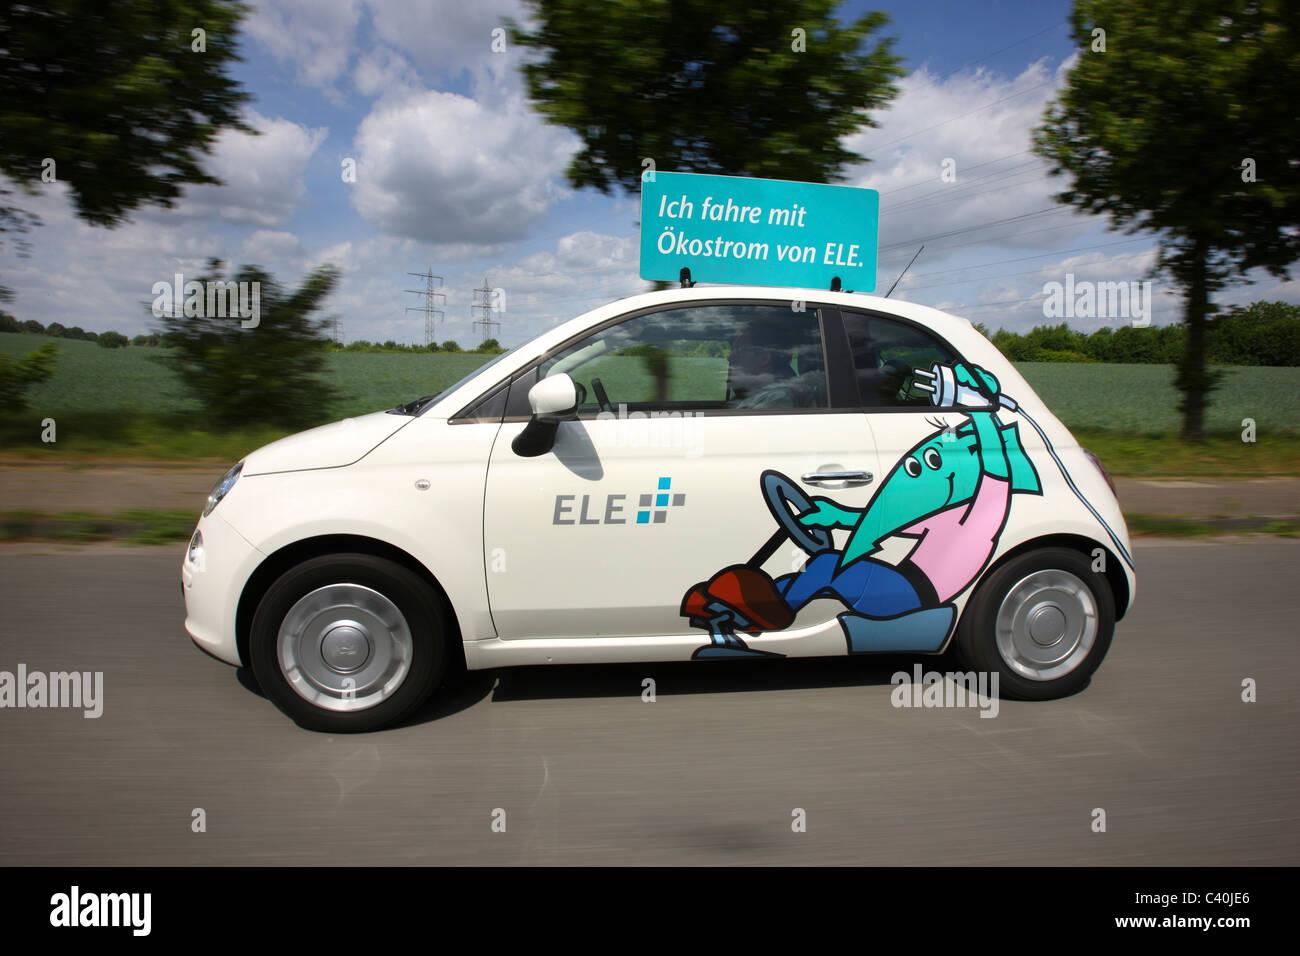 Auto elettrica alimentata da un motore elettrico, utilizzando l'energia immagazzinata nelle batterie. Fiat 500 Immagini Stock